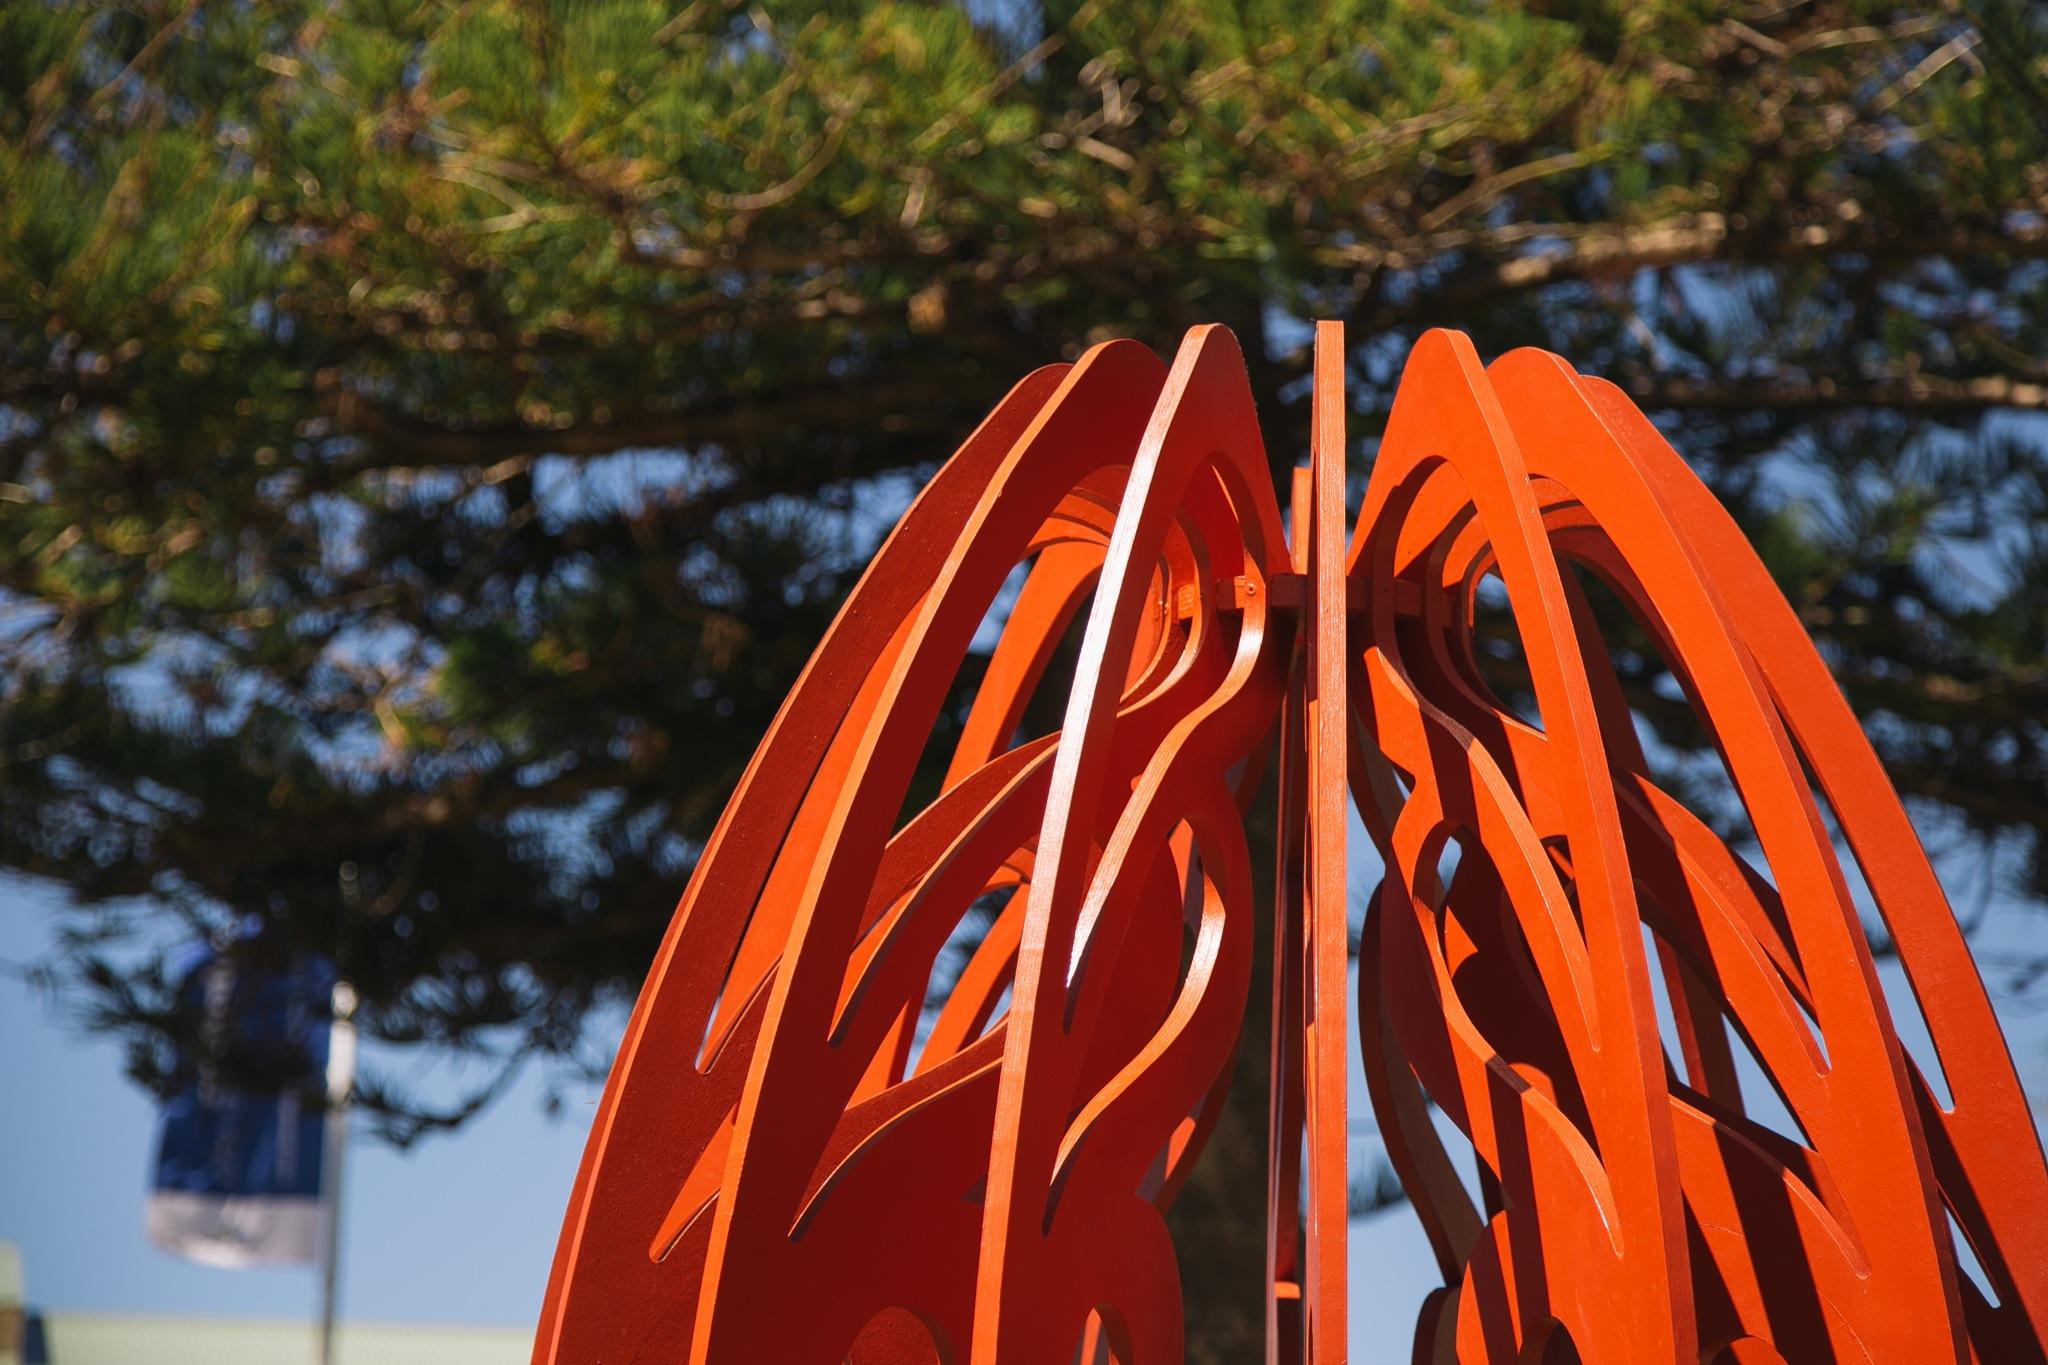 sculpturebythesea-60.jpg